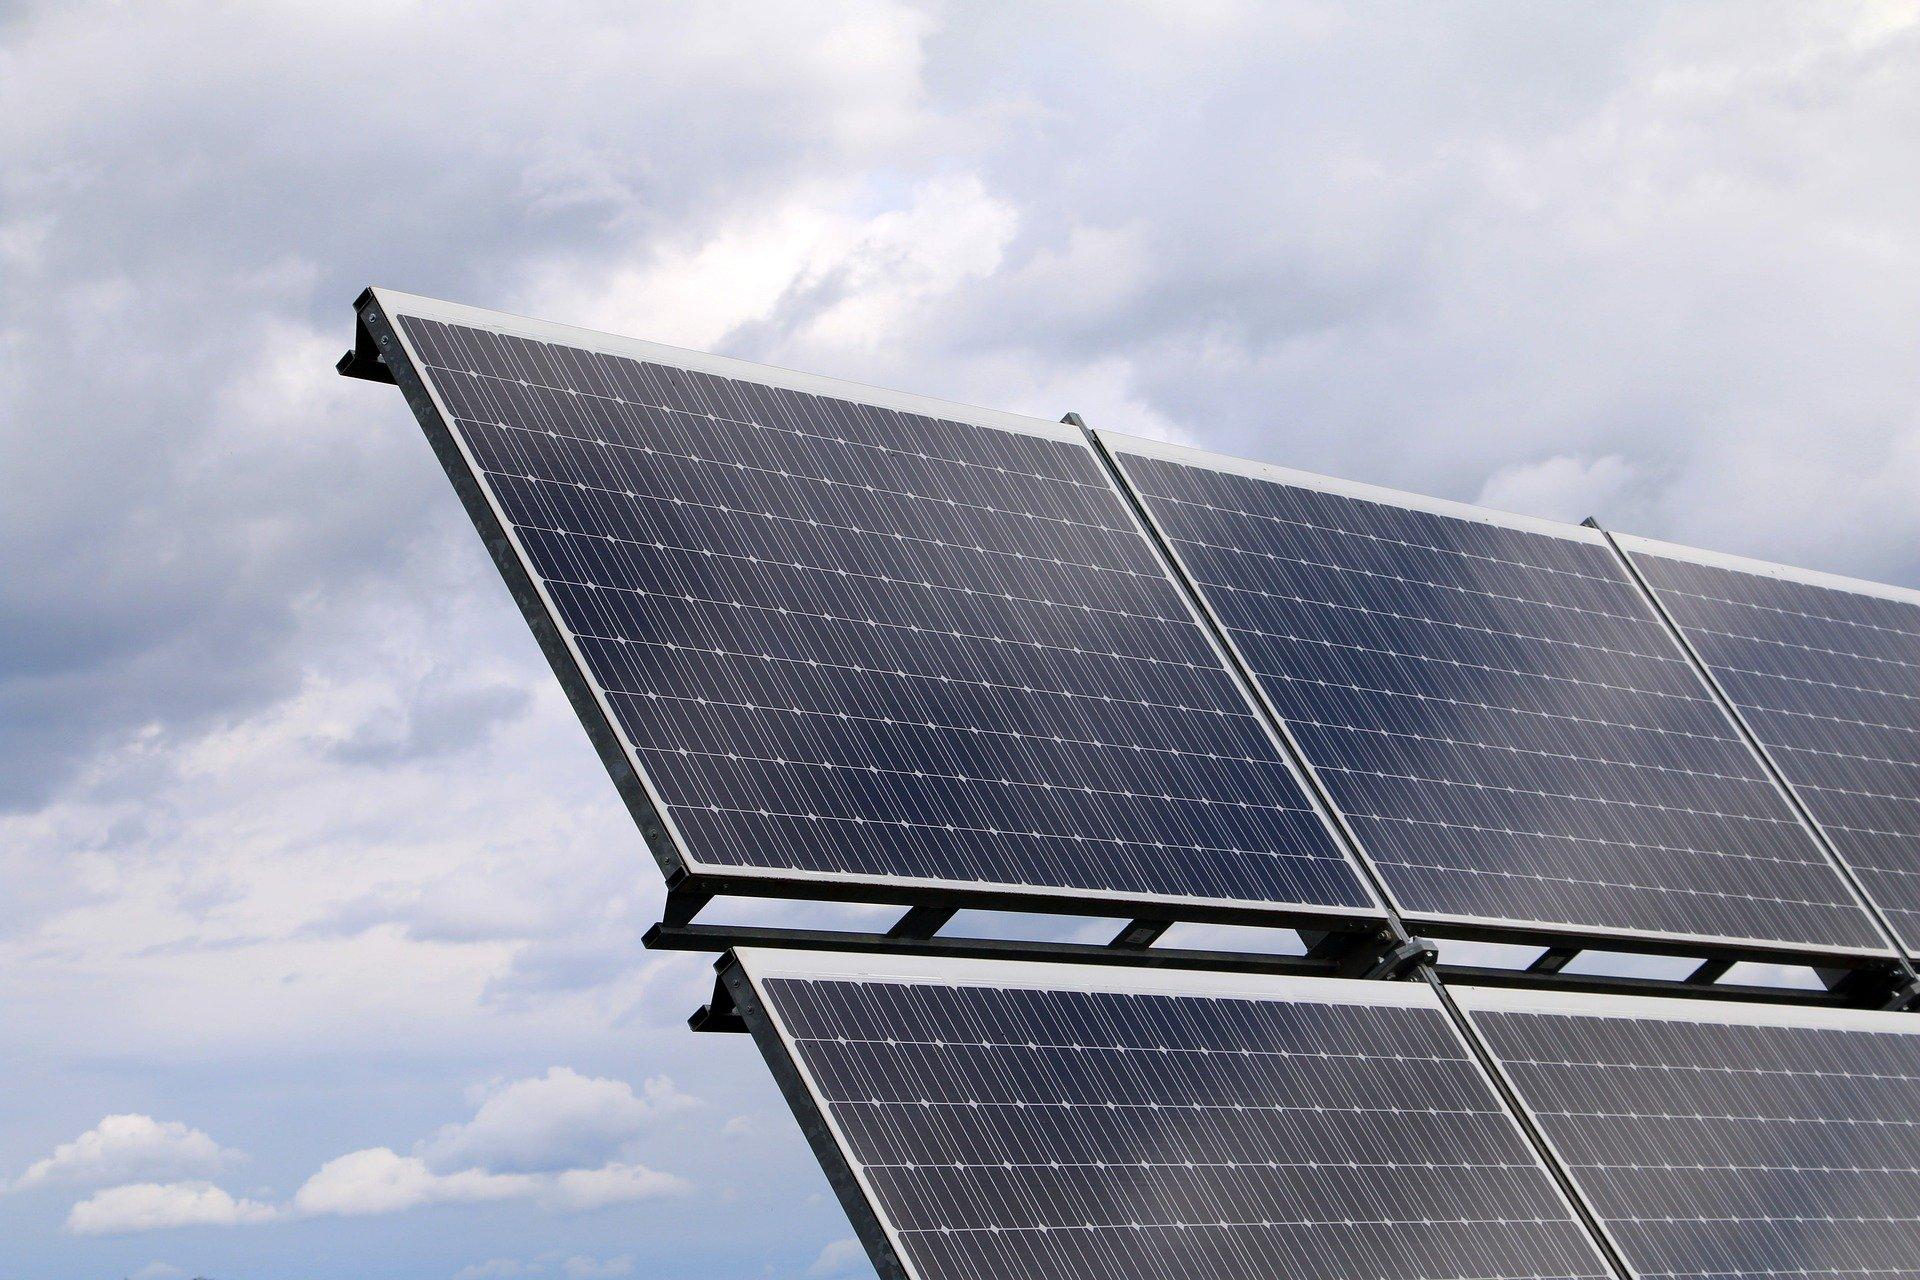 Los Proyectos Que Usen Como Recurso Los Combustibles Fósiles Dejarán De Ser Financiados Por El Banco Europeo De Inversiones (BEI)